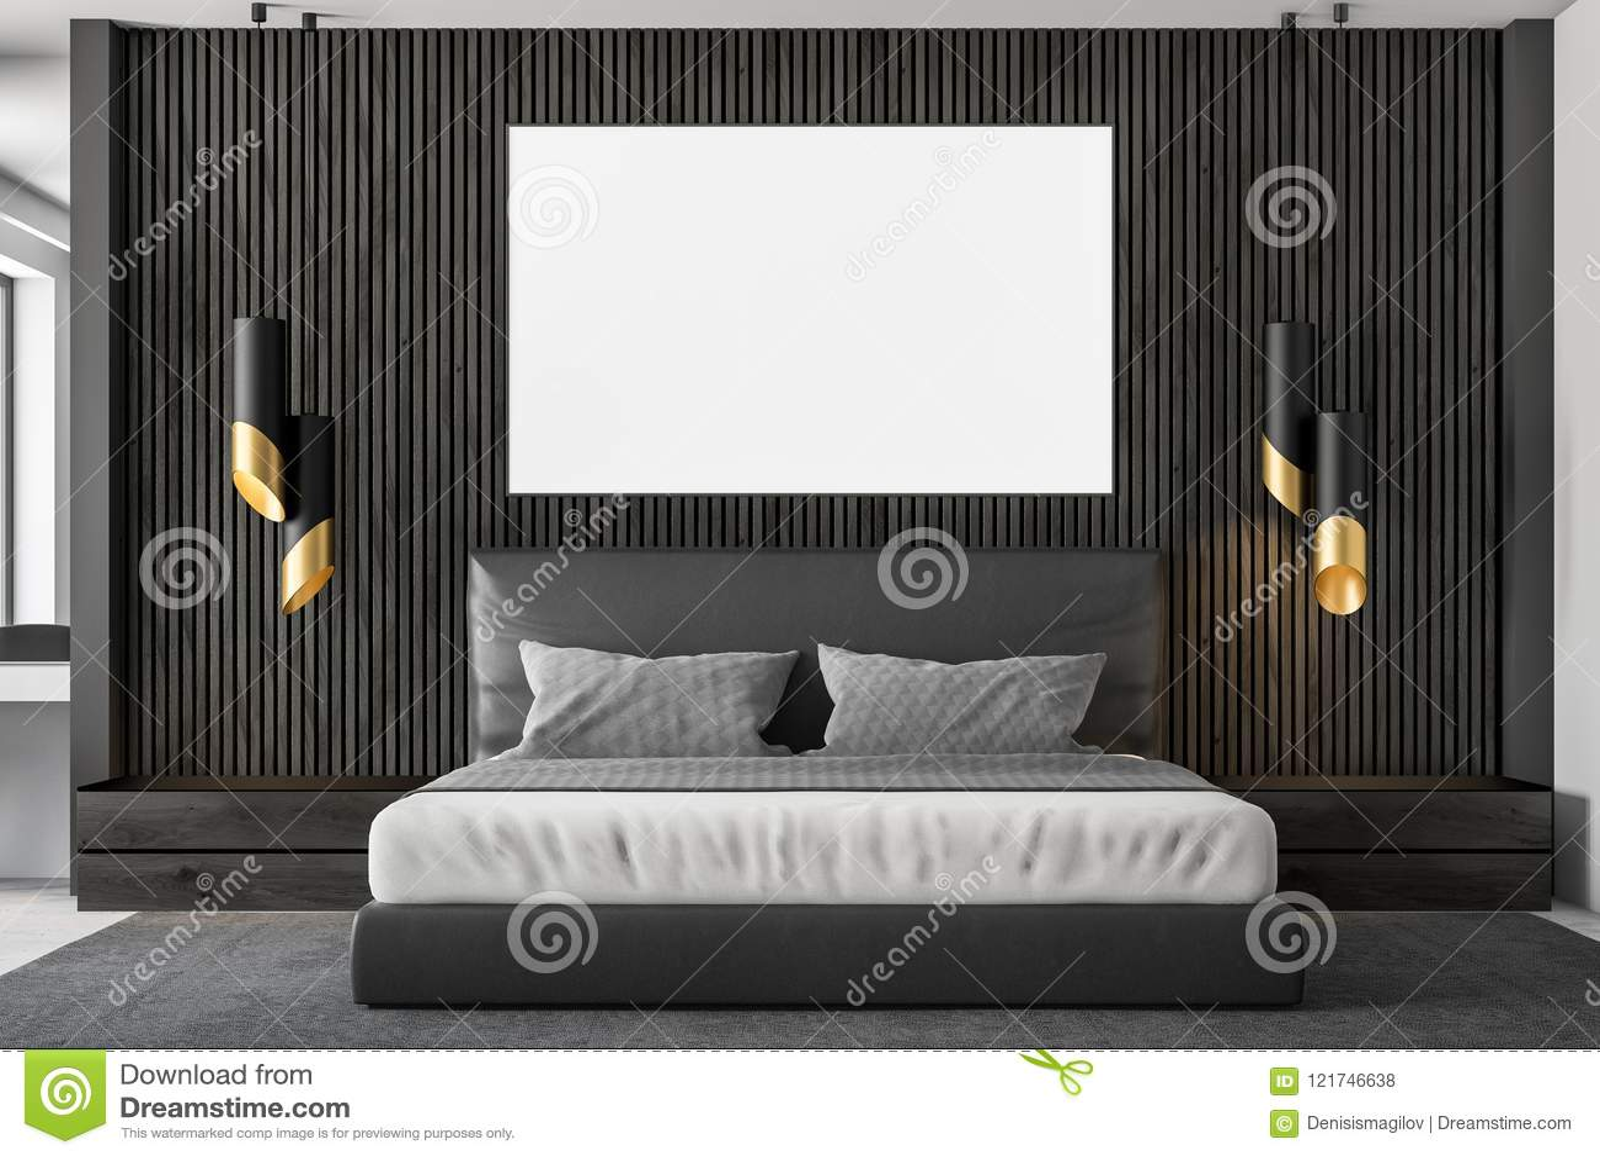 Dark Wood Master Bedroom Interior Poster Stock Illustration Illustration Of Bedroom Designer 121746638